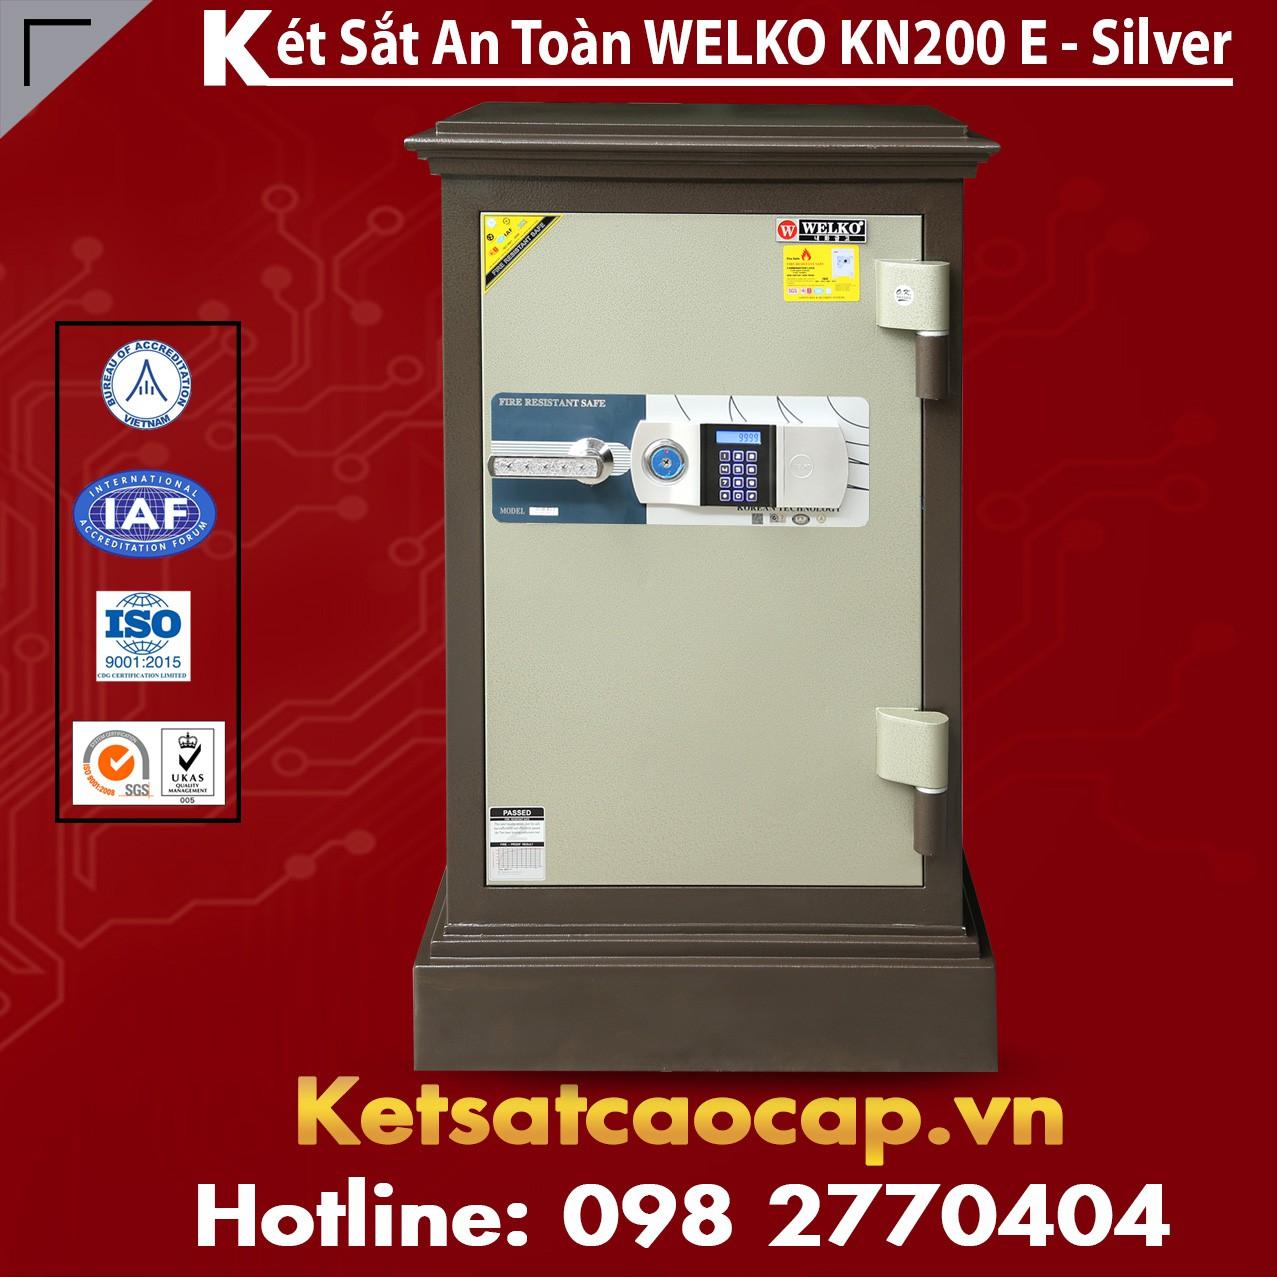 Két Sắt Cao Cấp WELKO KN200 Brown - E Silver